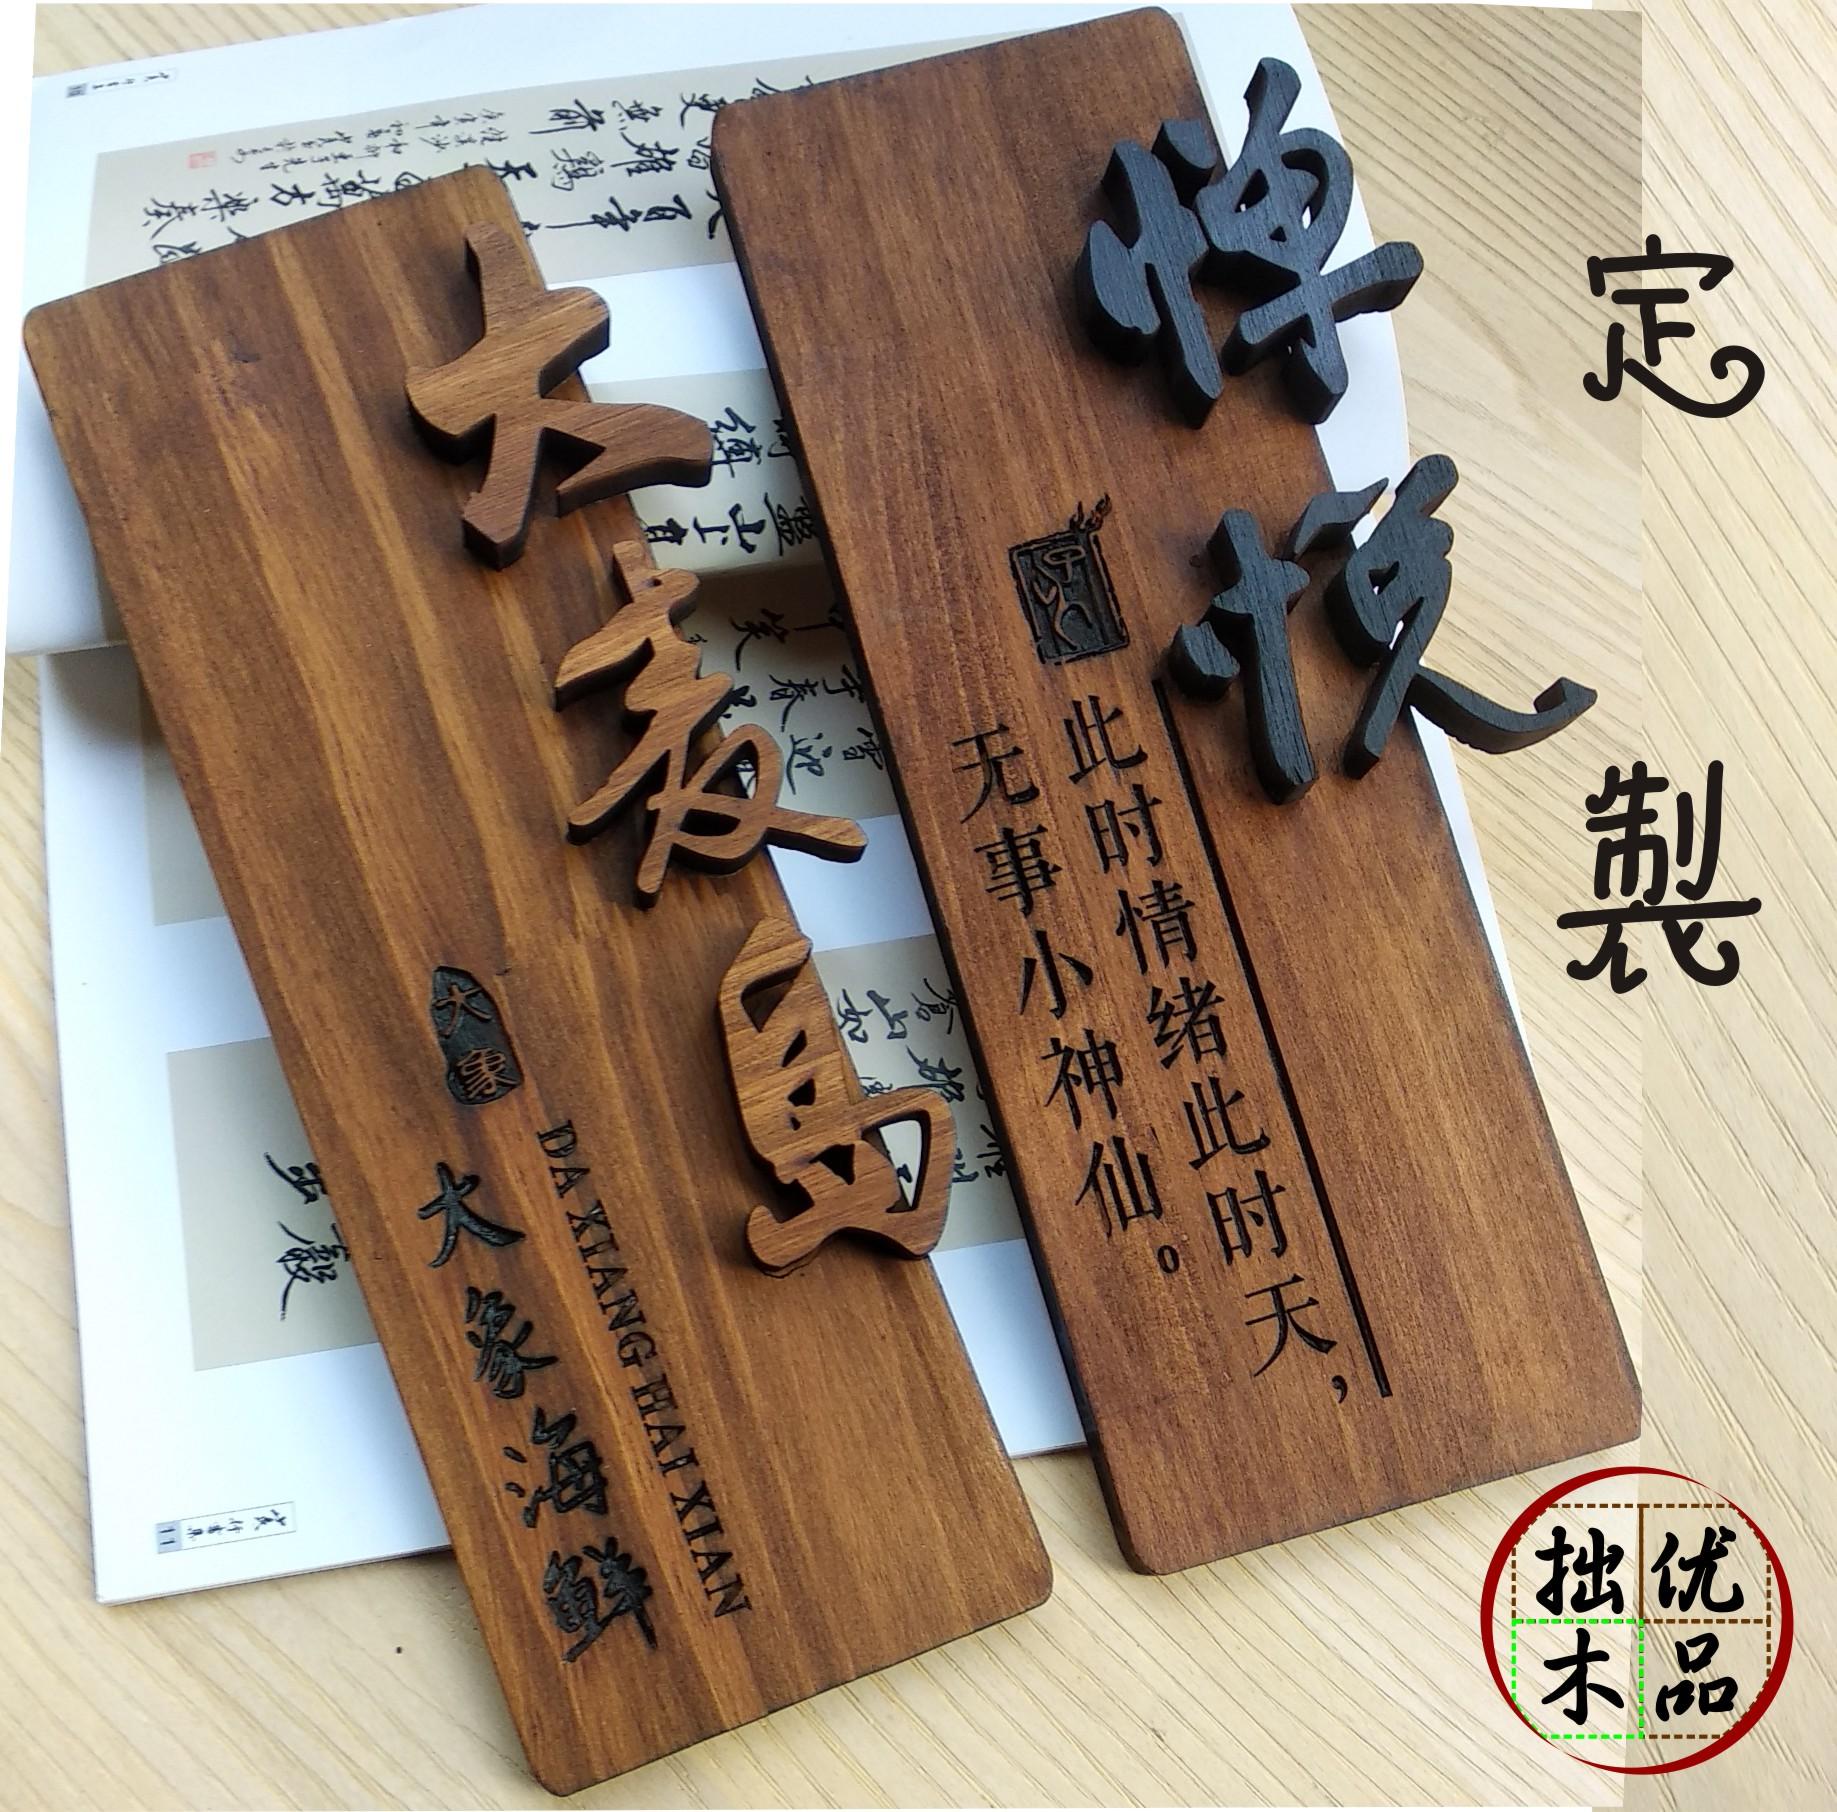 立体门牌办公室公司单位酒店民宿标识牌实木雕刻号码牌包厢间木牌